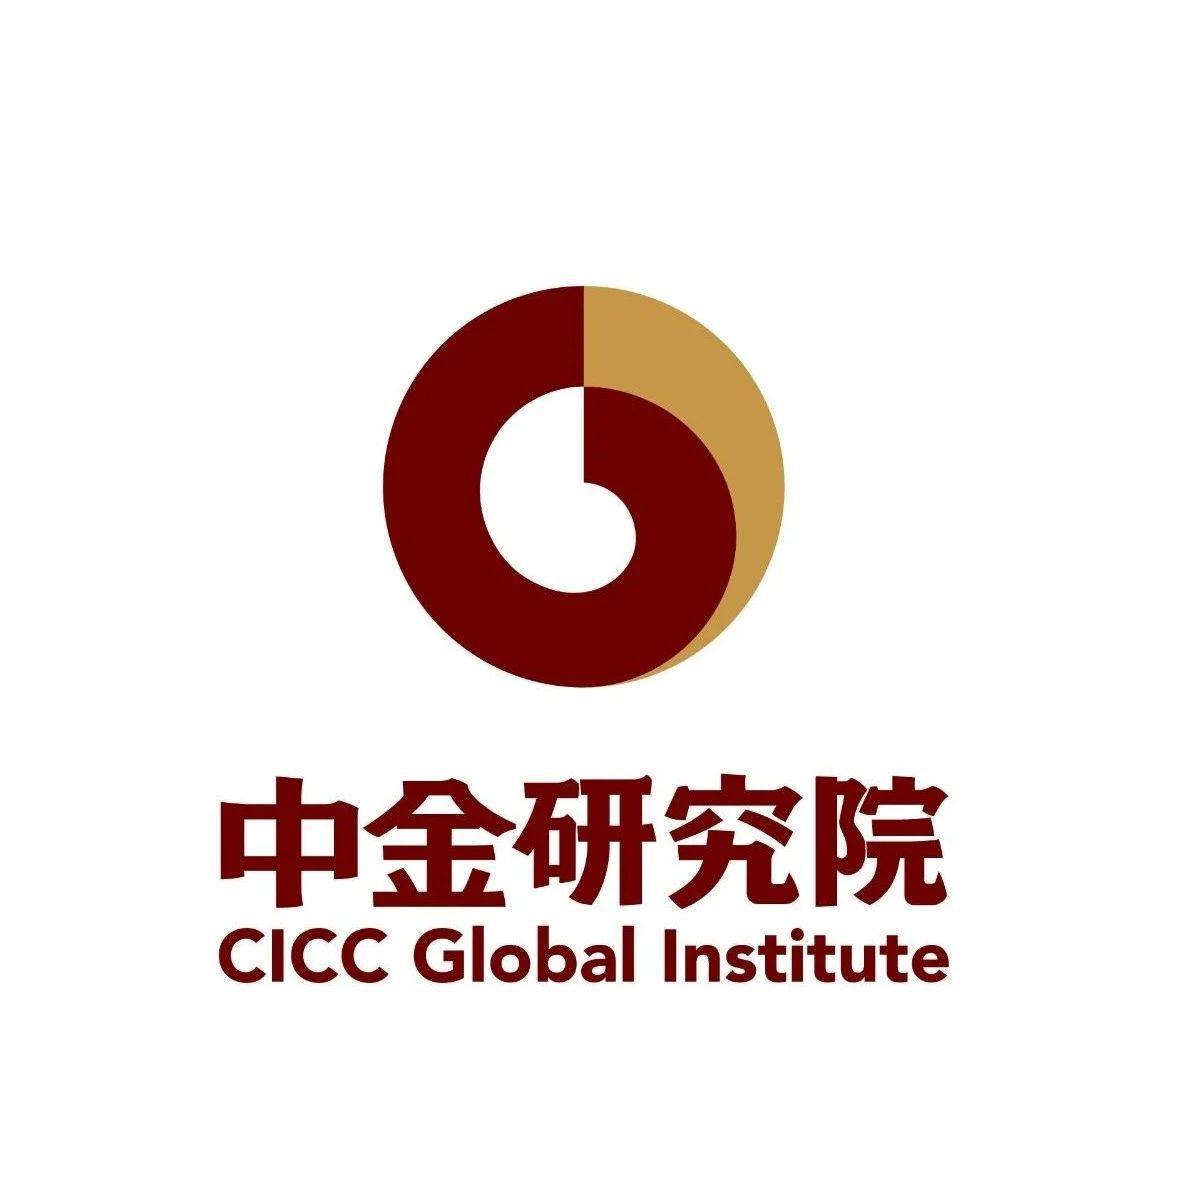 彭文生:建设现代中央银行制度的几点思考